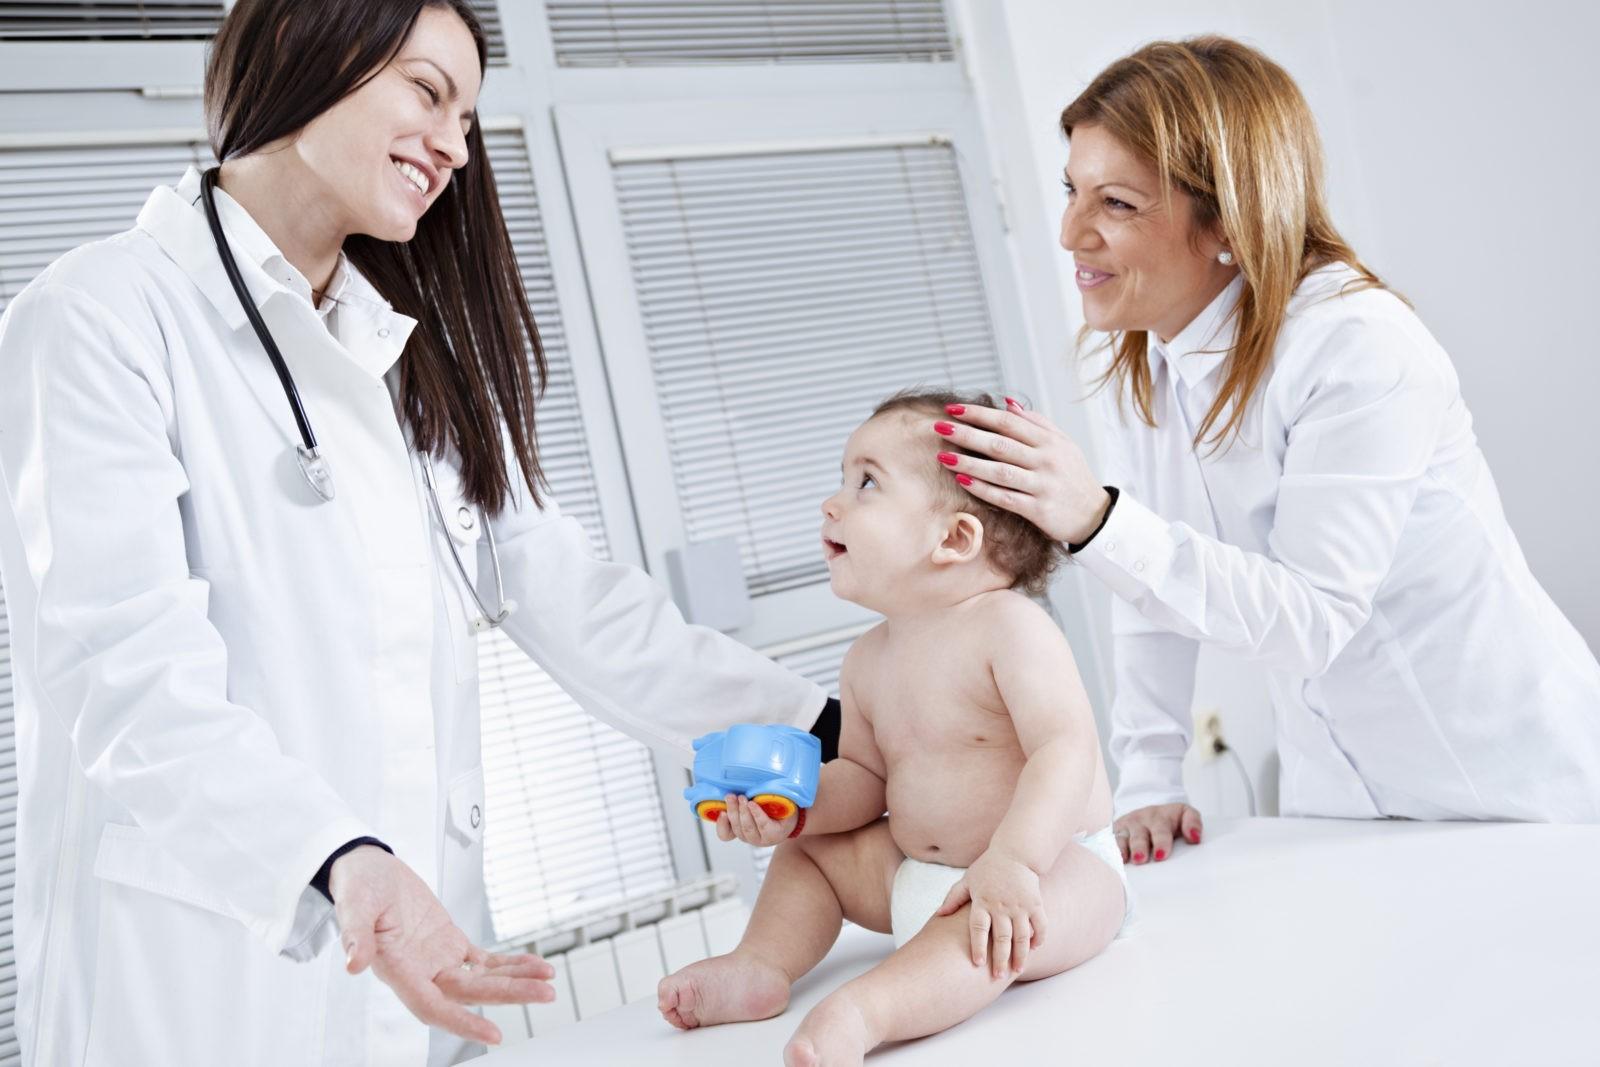 Прививка от гриппа новорожденному не делается без сбора соответствующих анализов